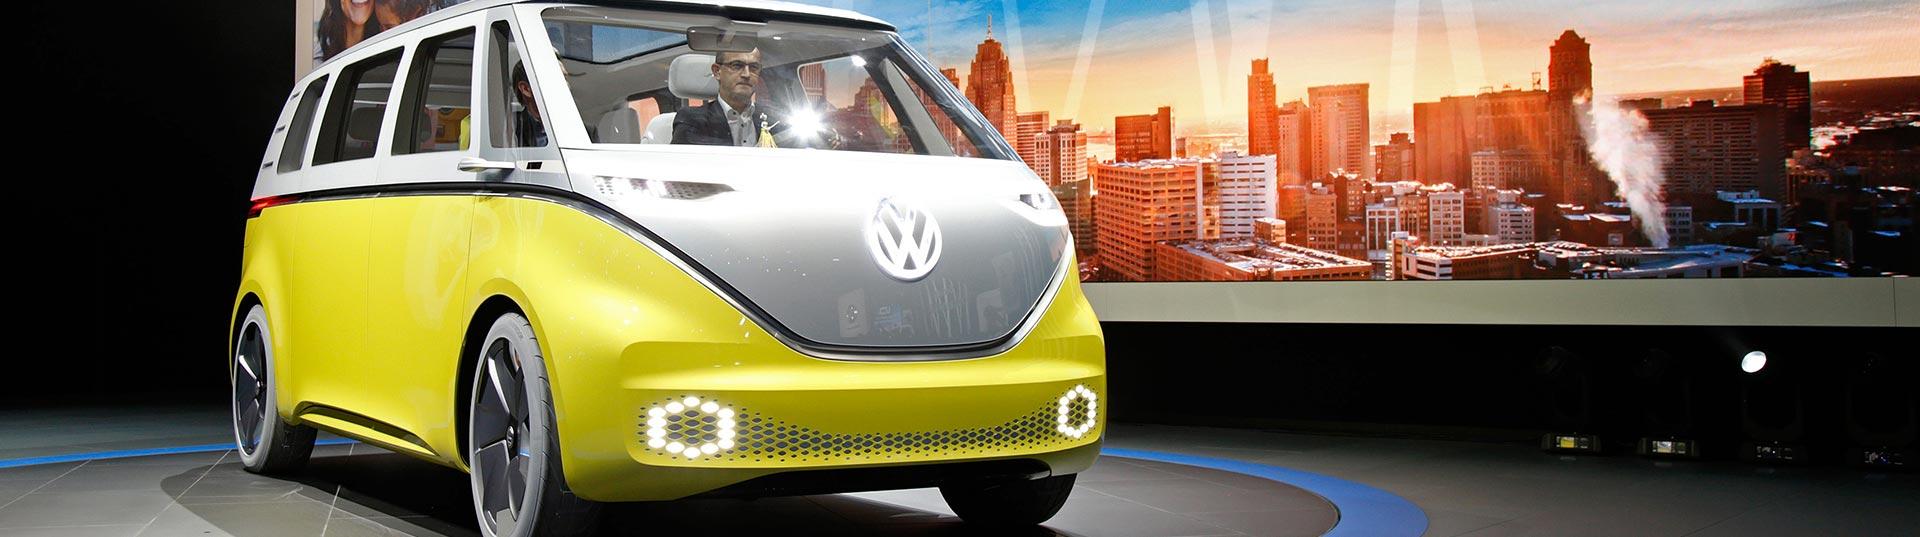 VW I.D. Buzz em Detroit